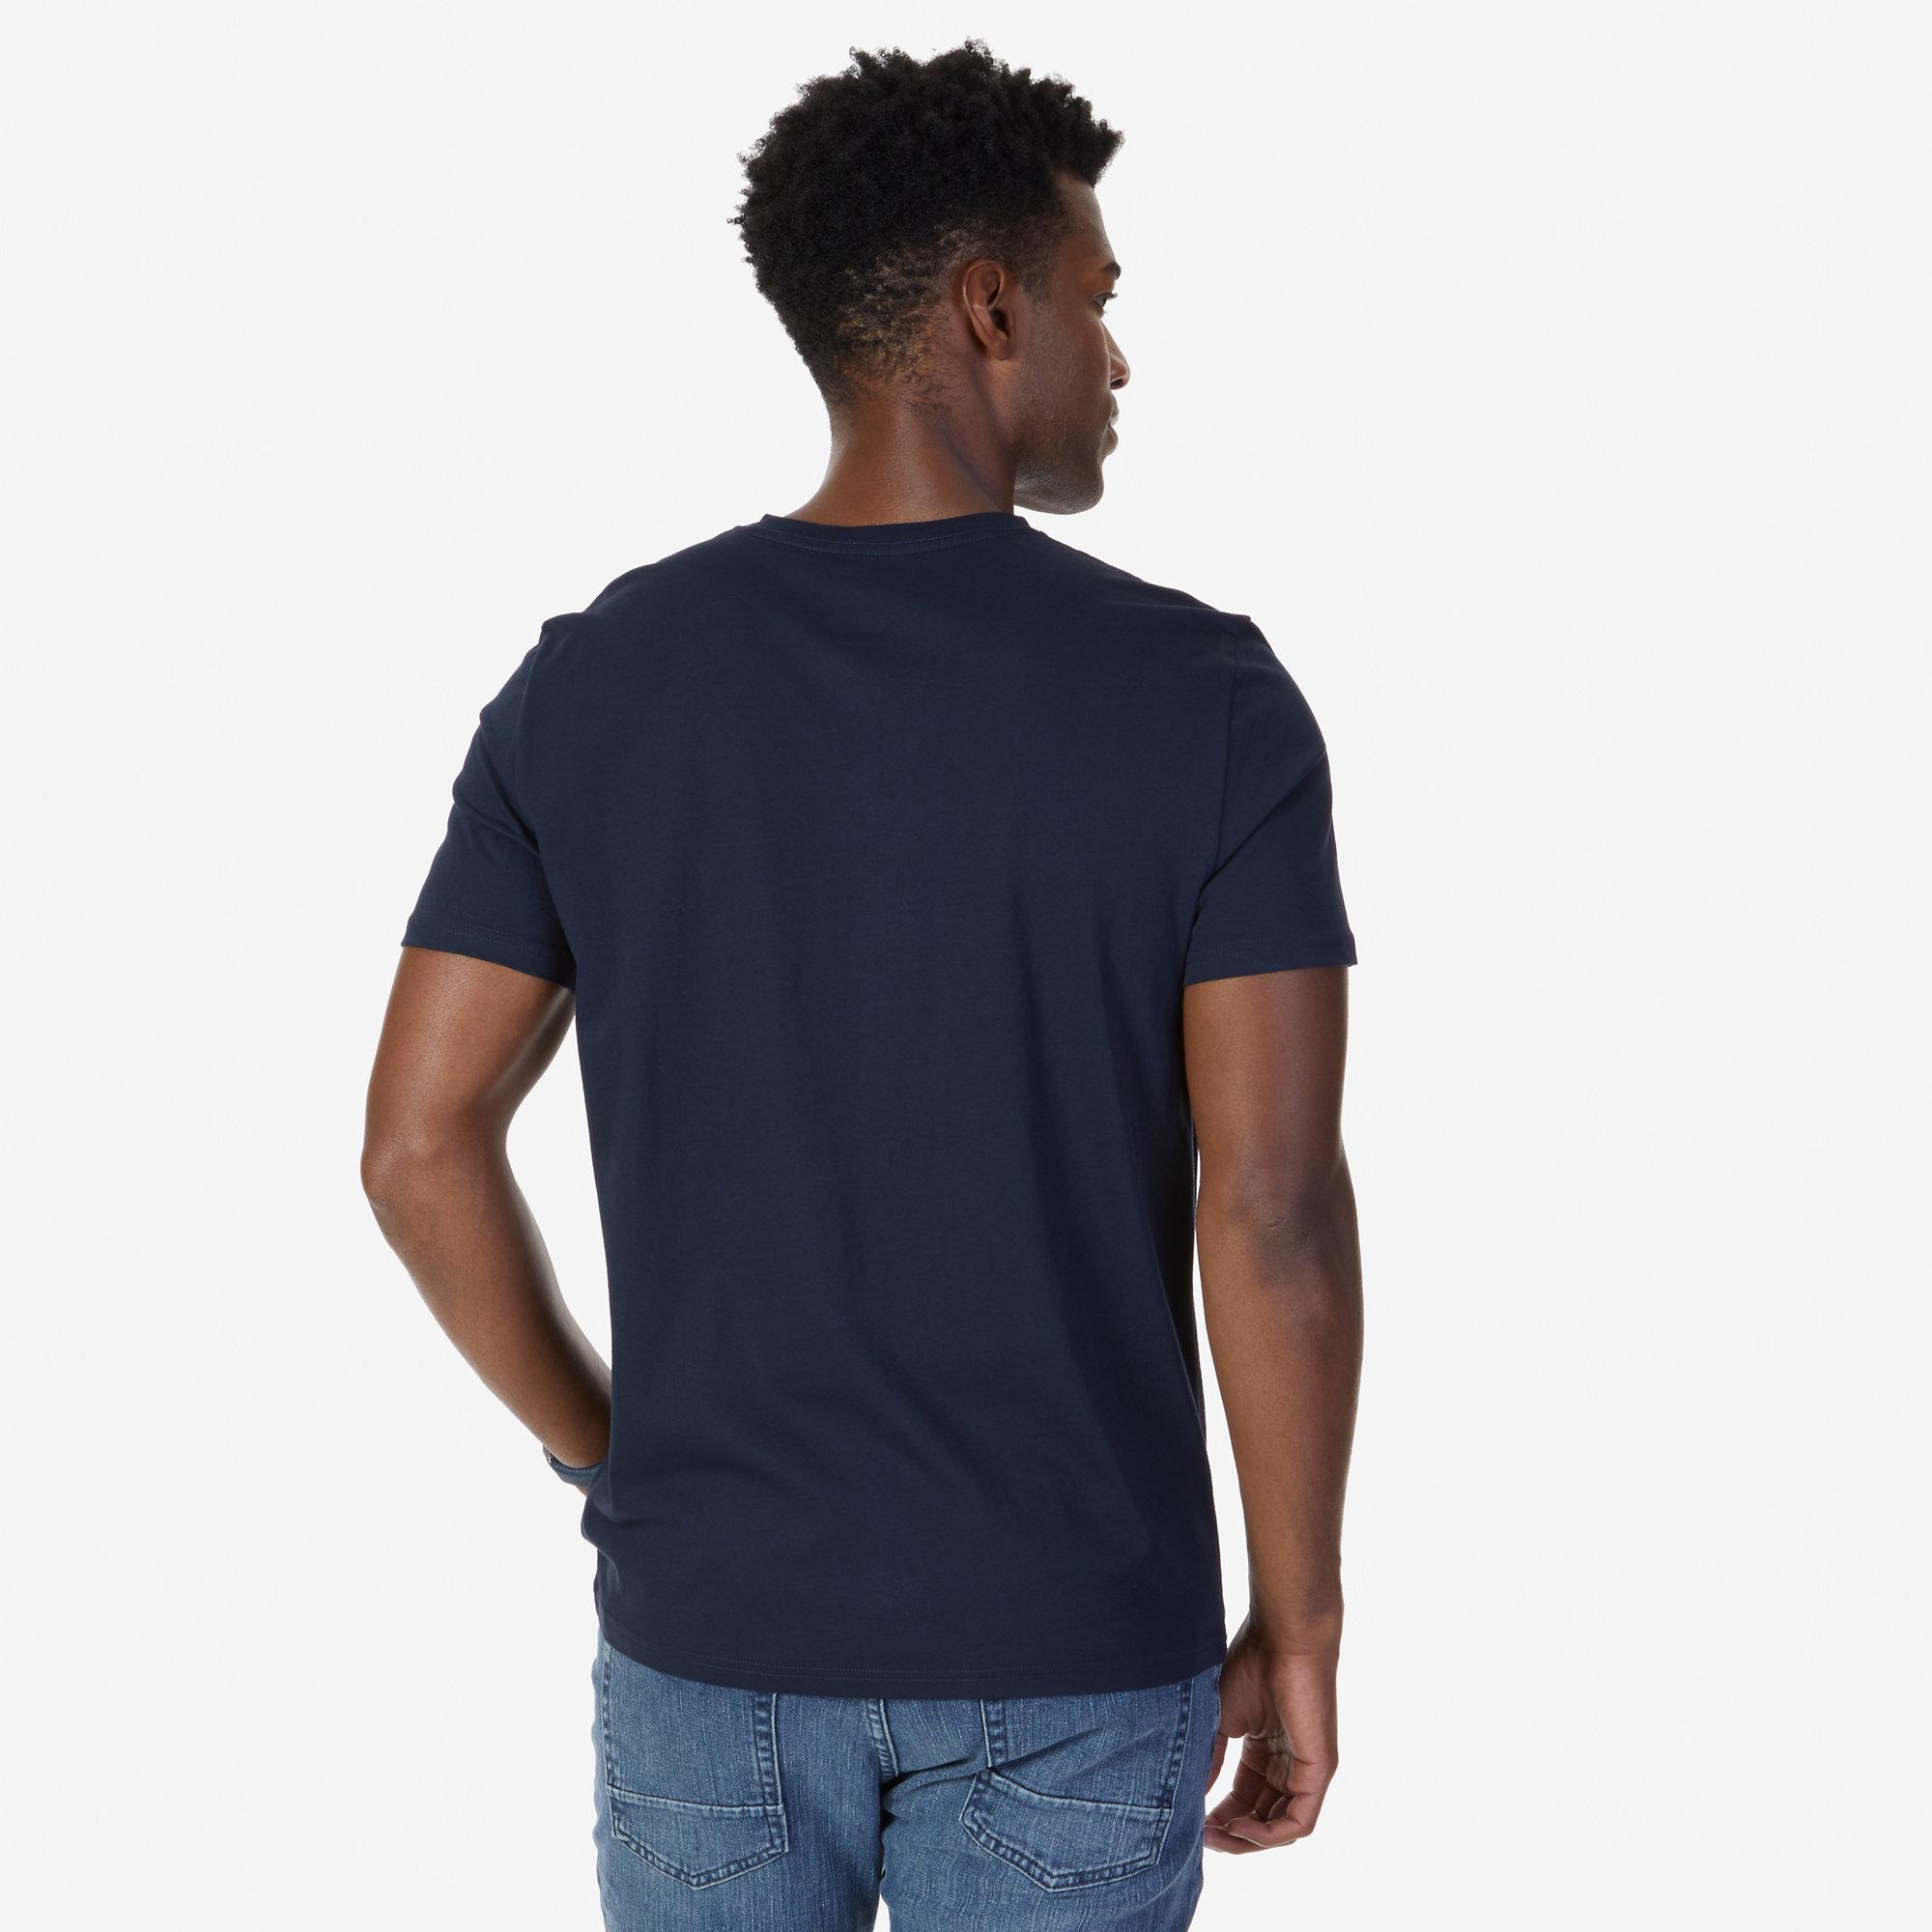 Solid V Neck Slim Fit T Shirt Nautica Kaos Polos Choco